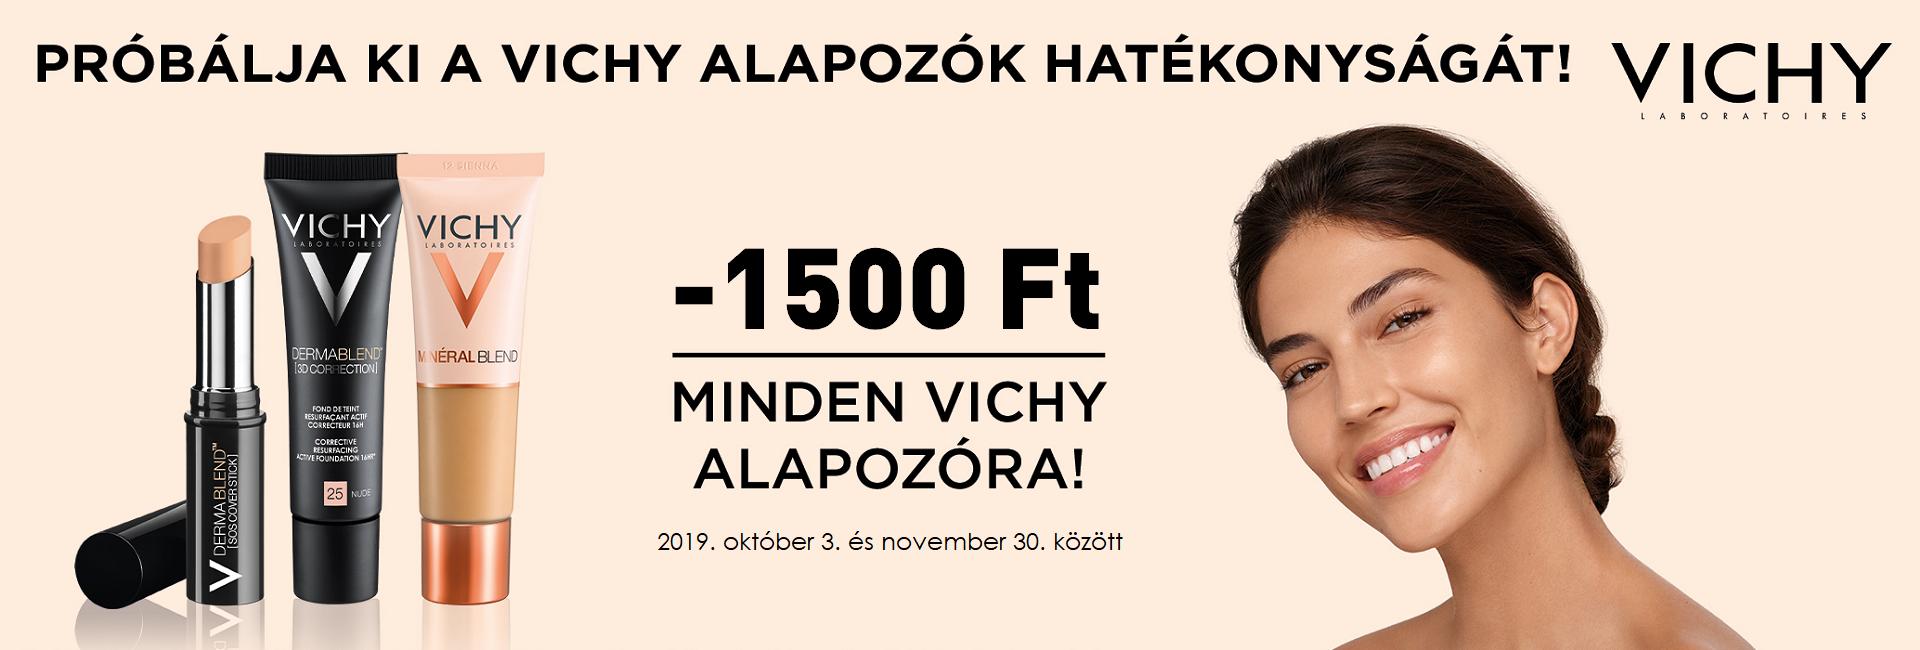 2019. október 3. és november 31. között minden Vichy alapozó árából 1500 Ft kedvezményt adunk!